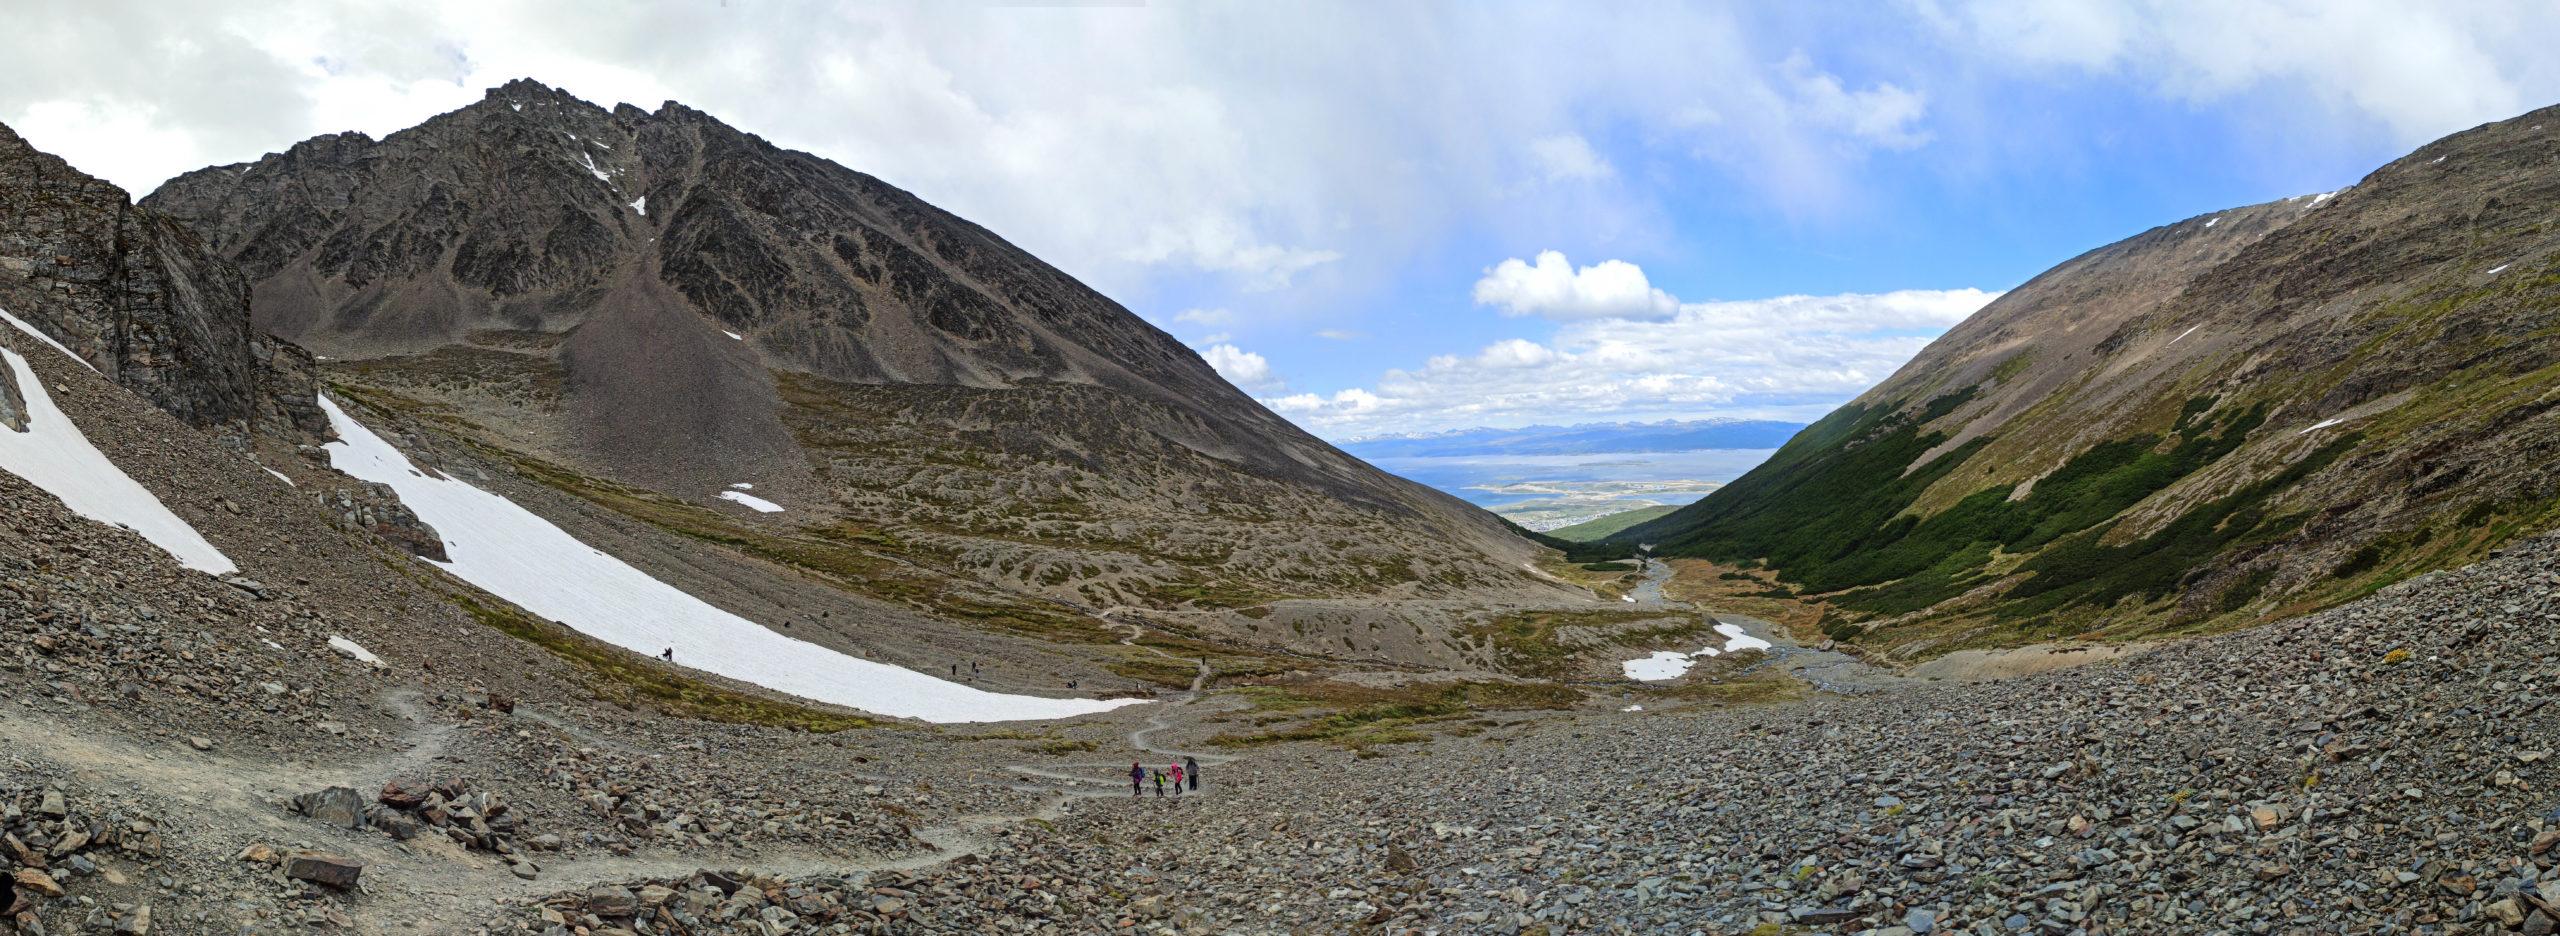 panorama vue ushuaia